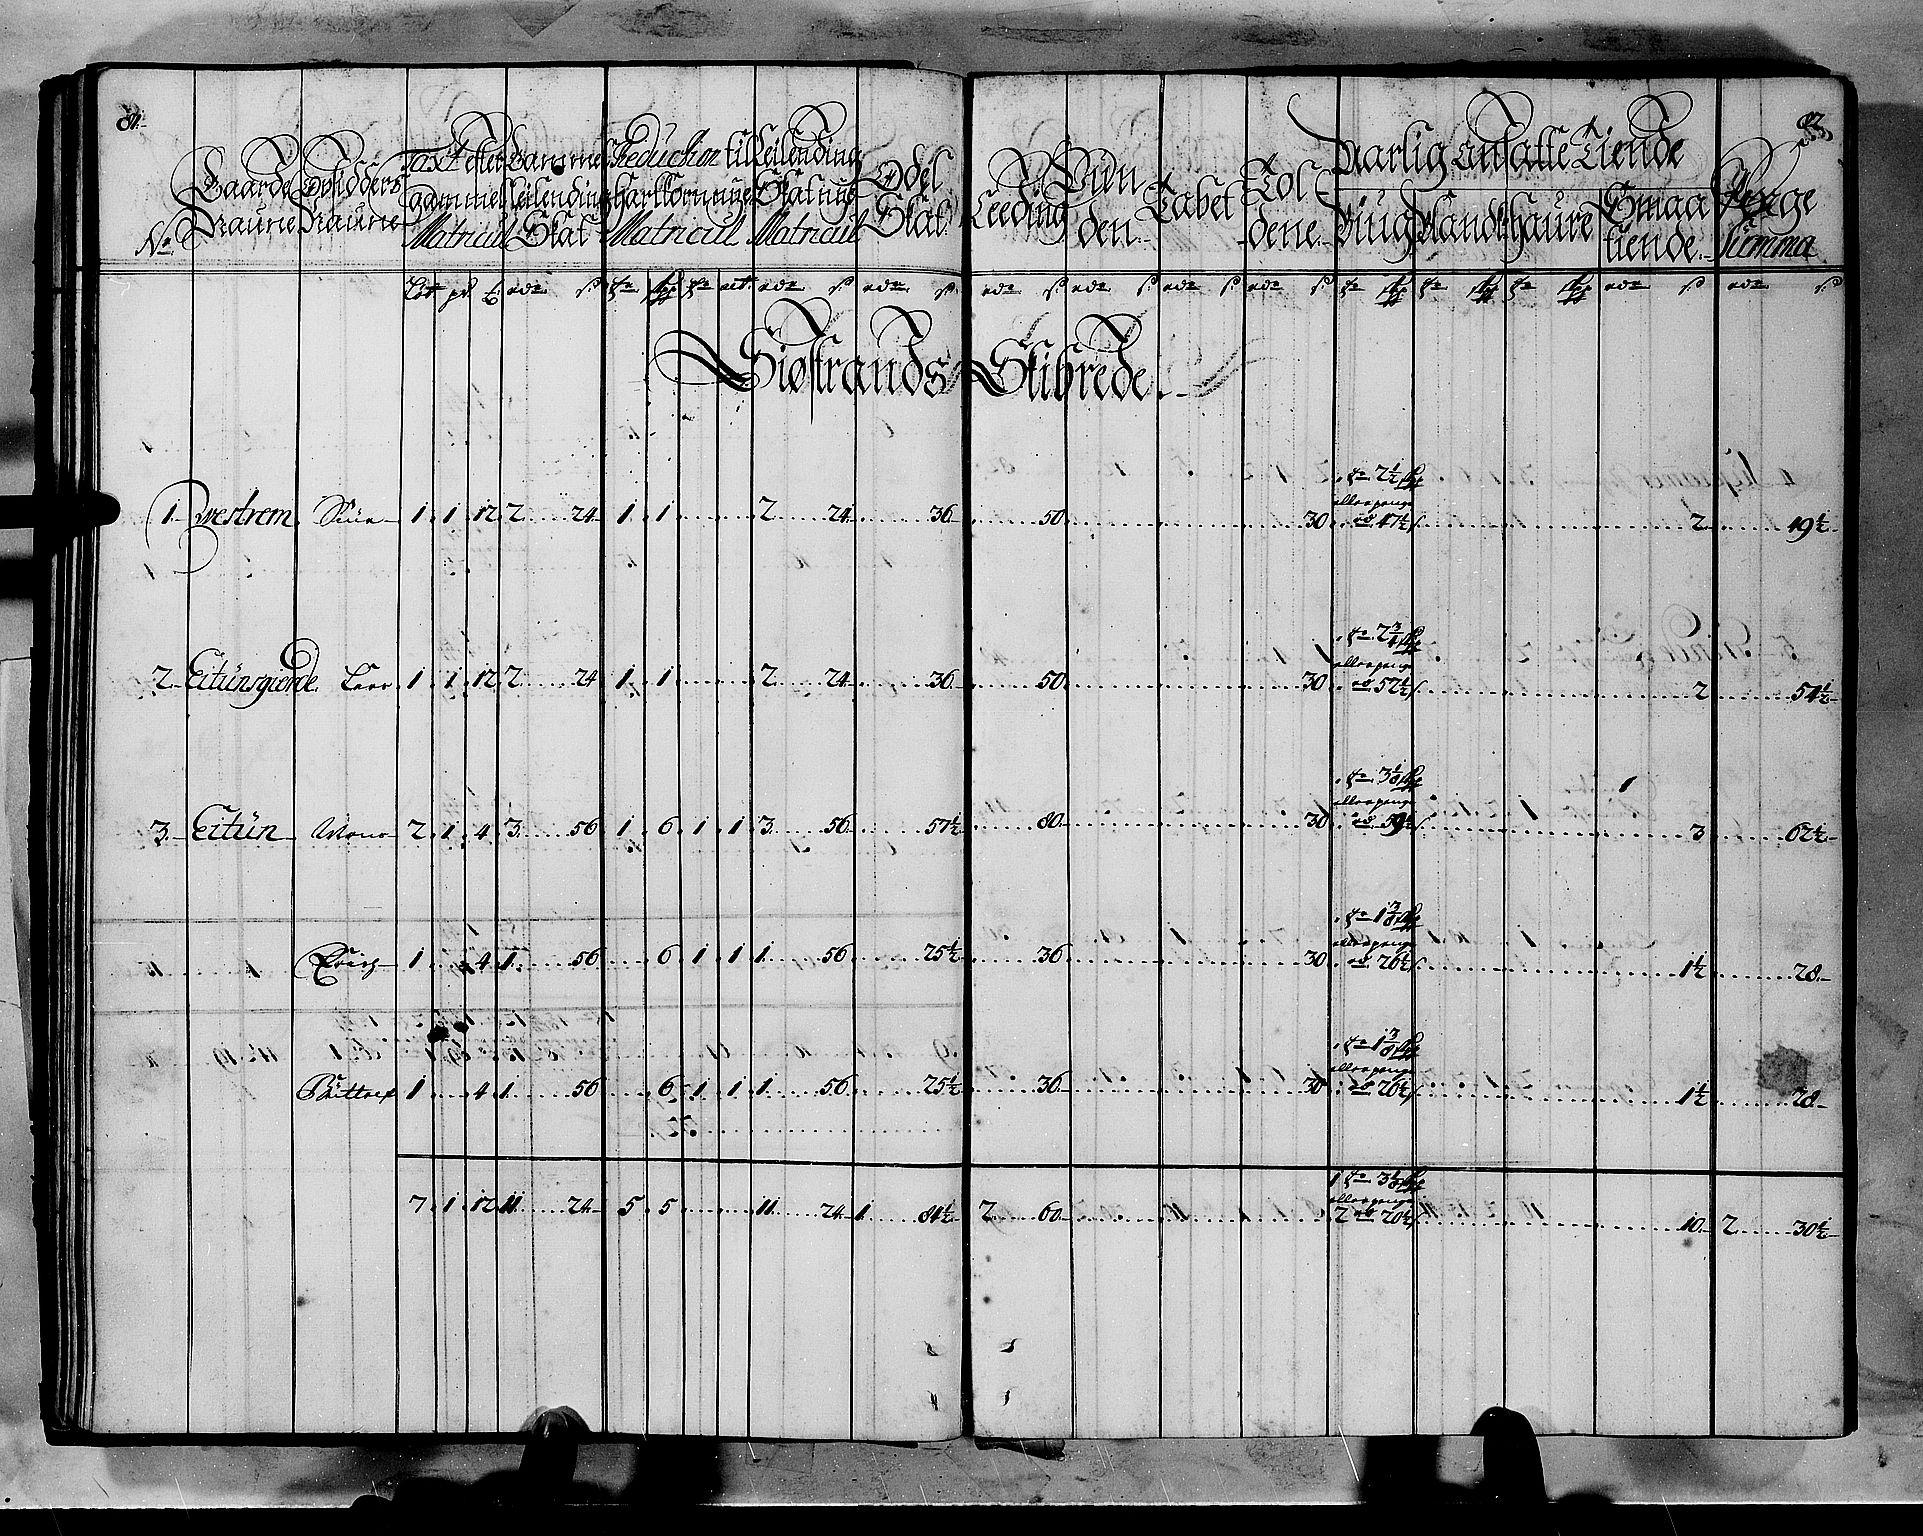 RA, Rentekammeret inntil 1814, Realistisk ordnet avdeling, N/Nb/Nbf/L0145: Ytre Sogn matrikkelprotokoll, 1723, s. 81-82